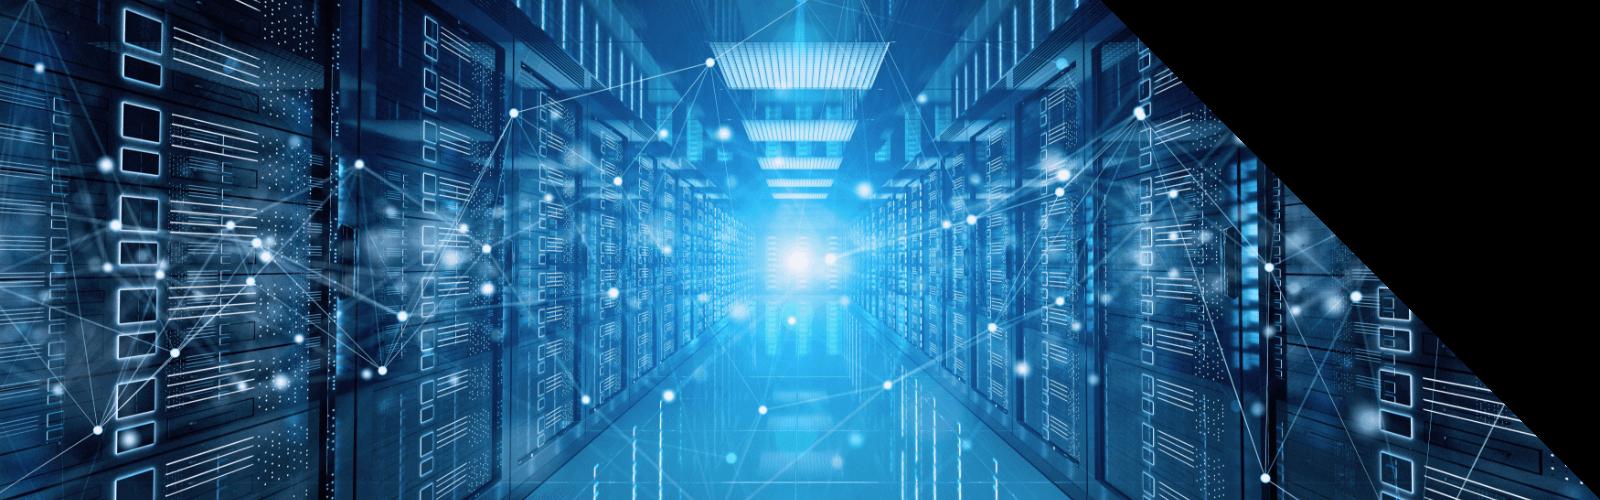 Big Data, AI & IoT ビッグデータ, AI & IoT